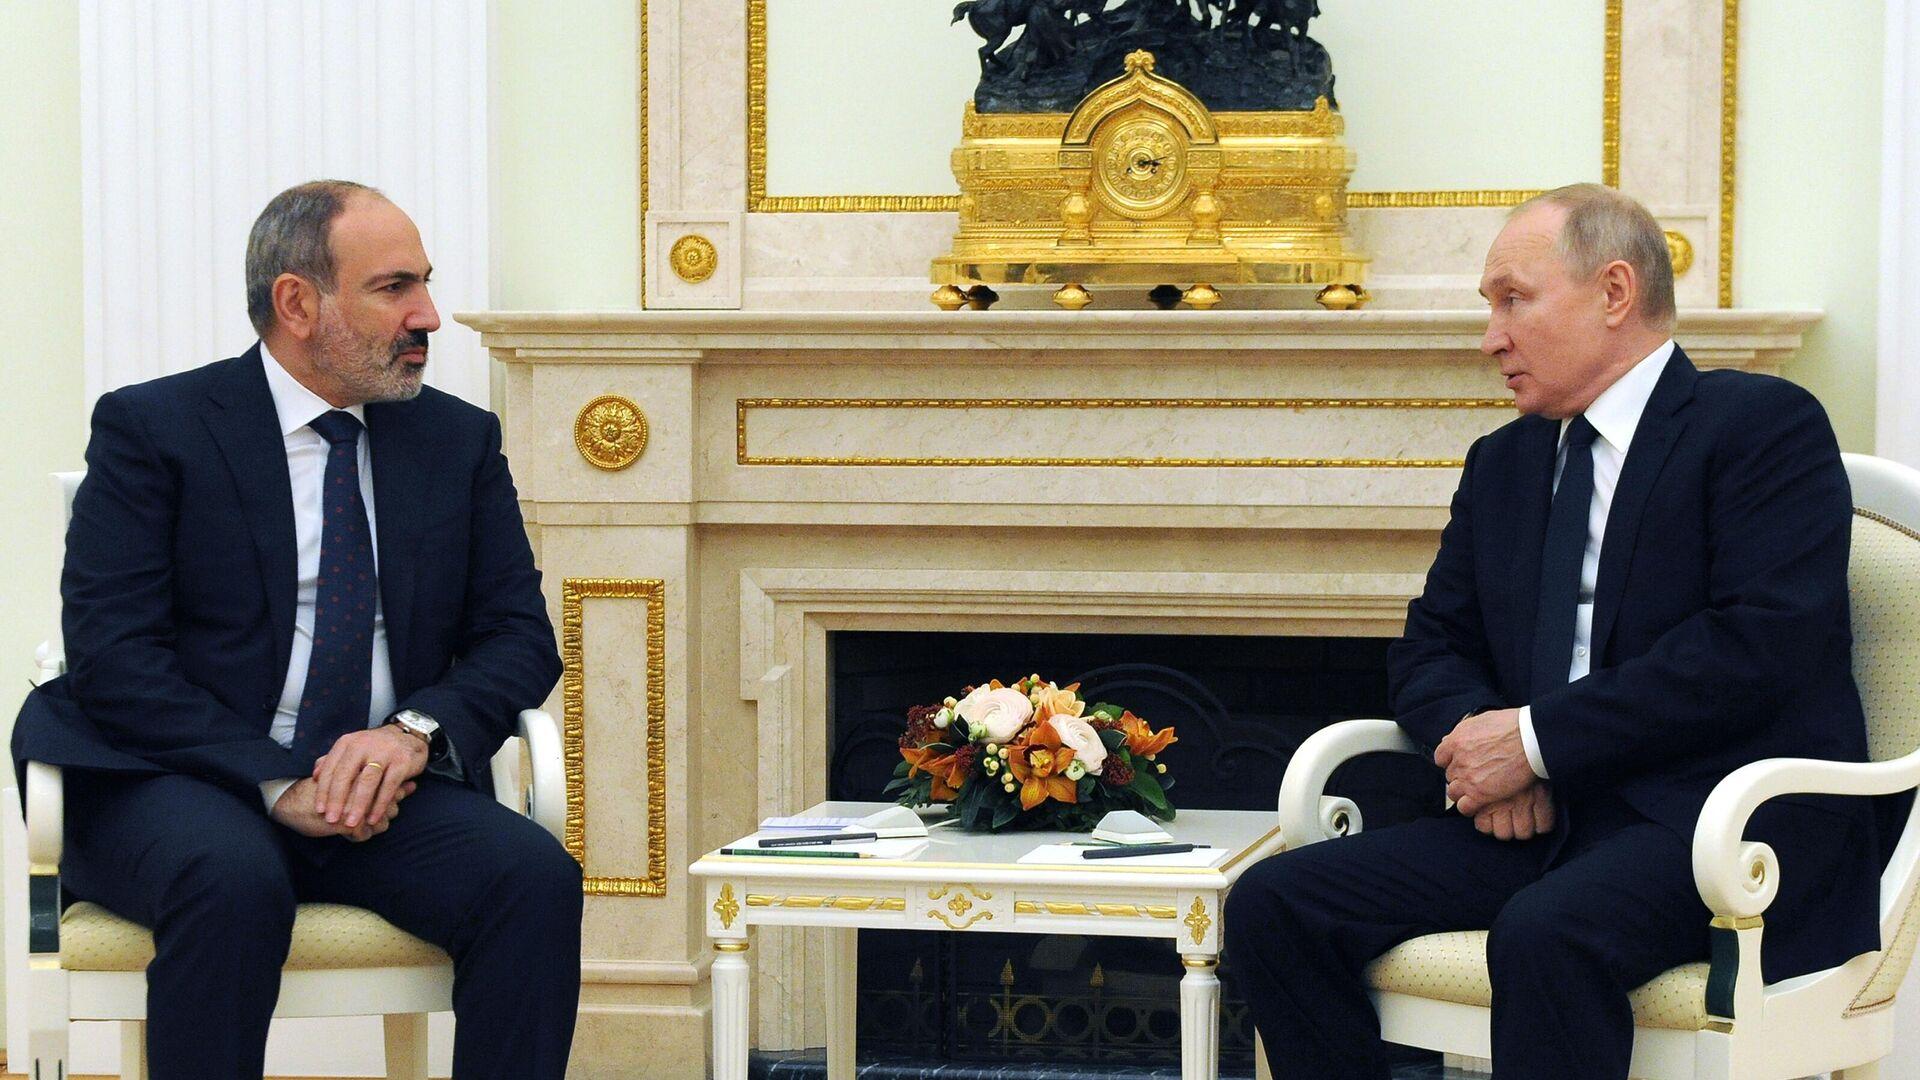 Президент РФ Владимир Путин и премьер-министр Армении Никол Пашинян во время встречи - РИА Новости, 1920, 24.04.2021